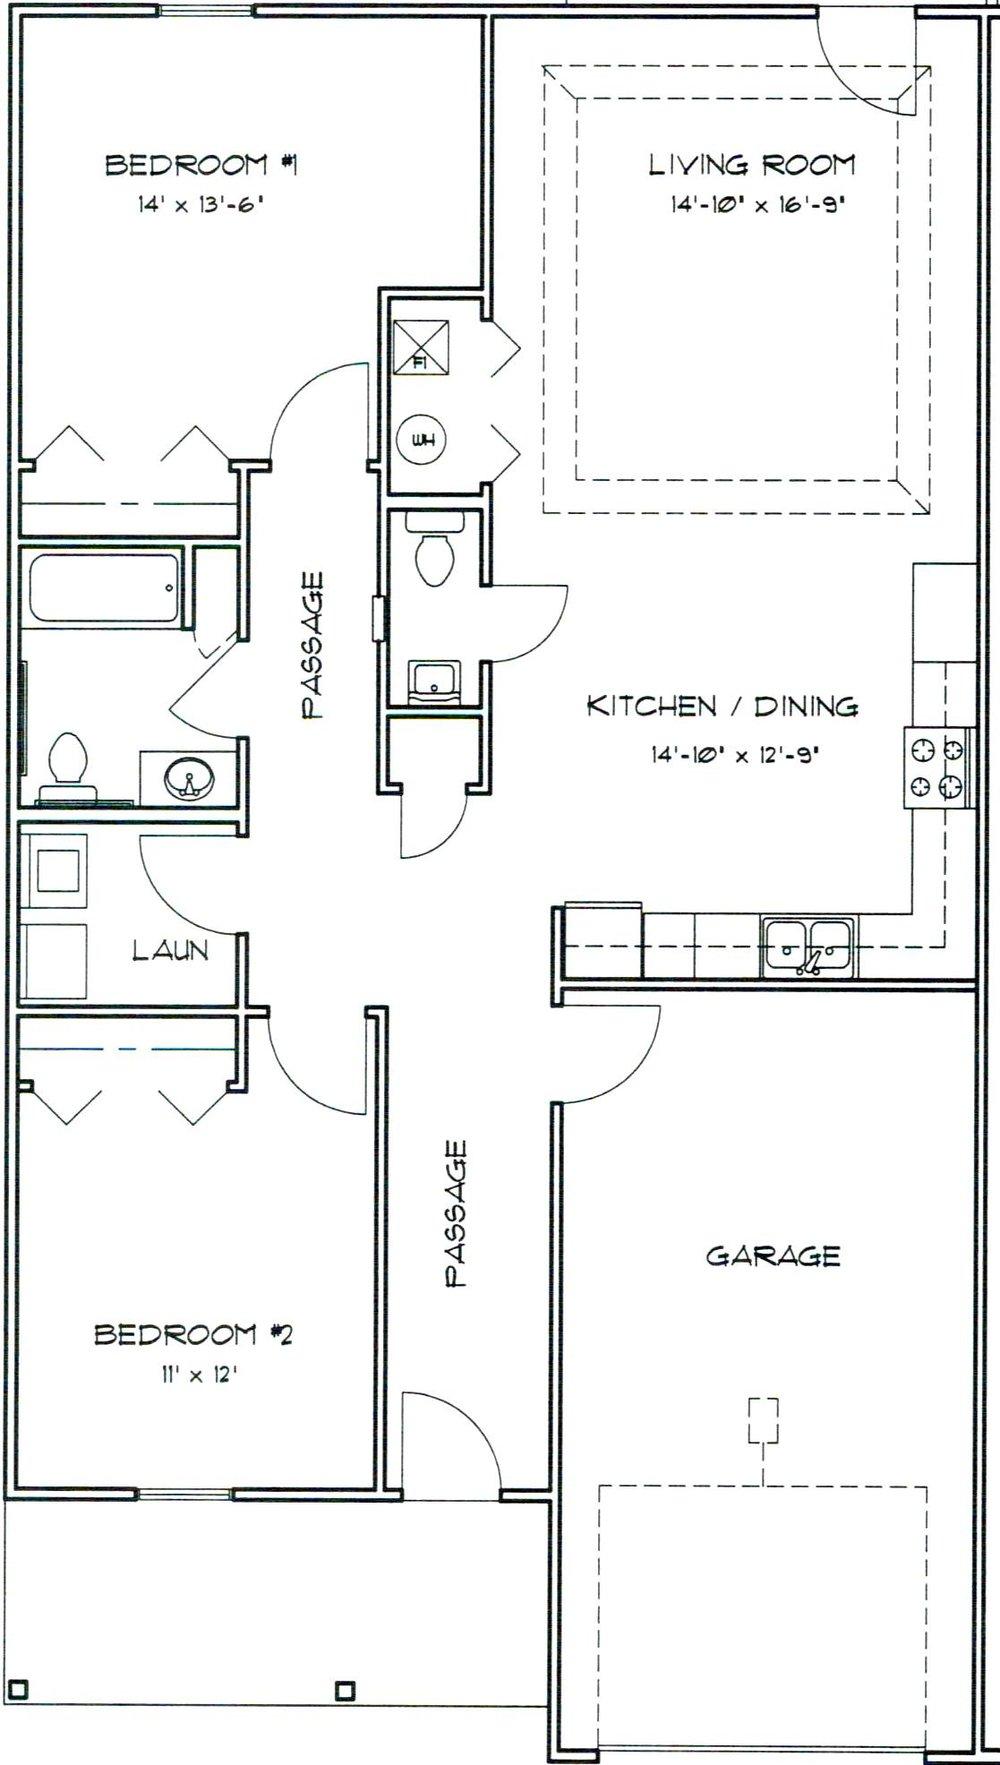 2 br garage layout.jpg